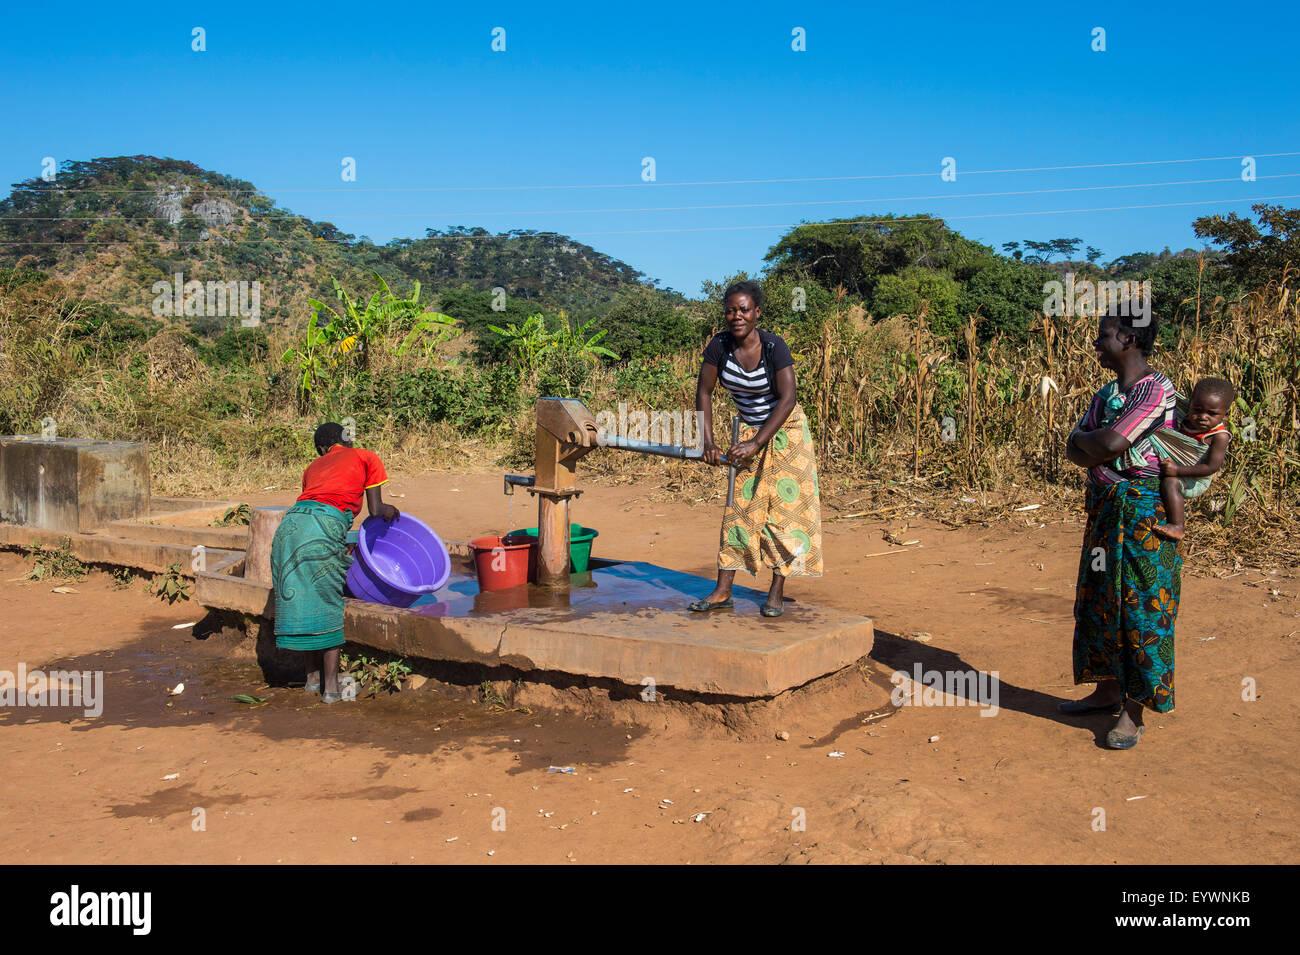 Einheimische Frauen an einem Wasser gut, Malawi, Afrika Stockbild